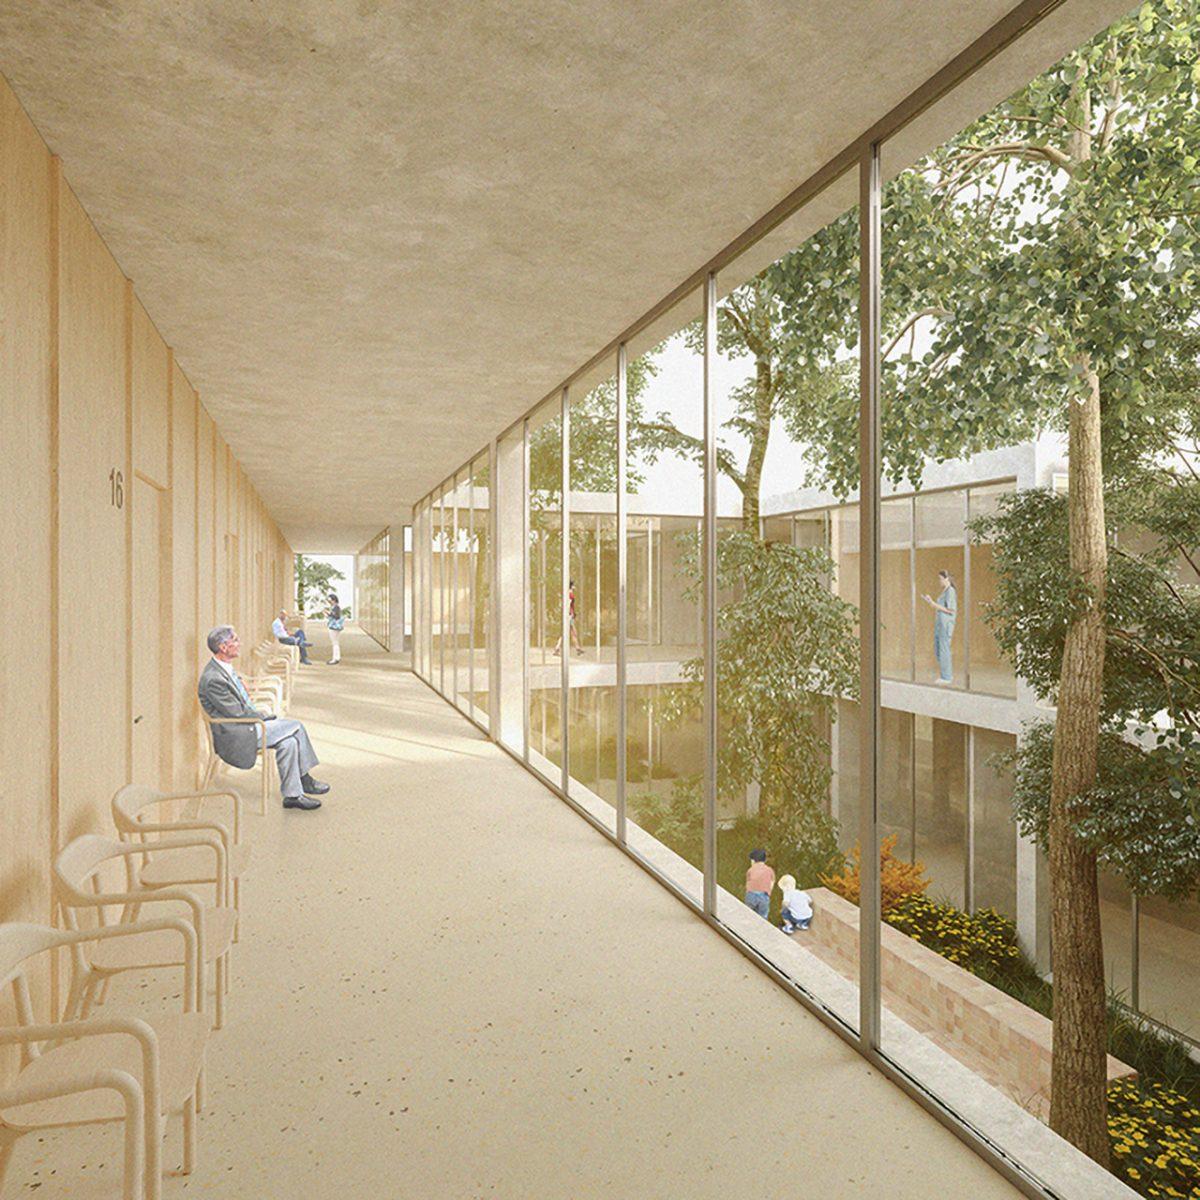 Vista del pasillo del Centro de Salud en Llucmajor